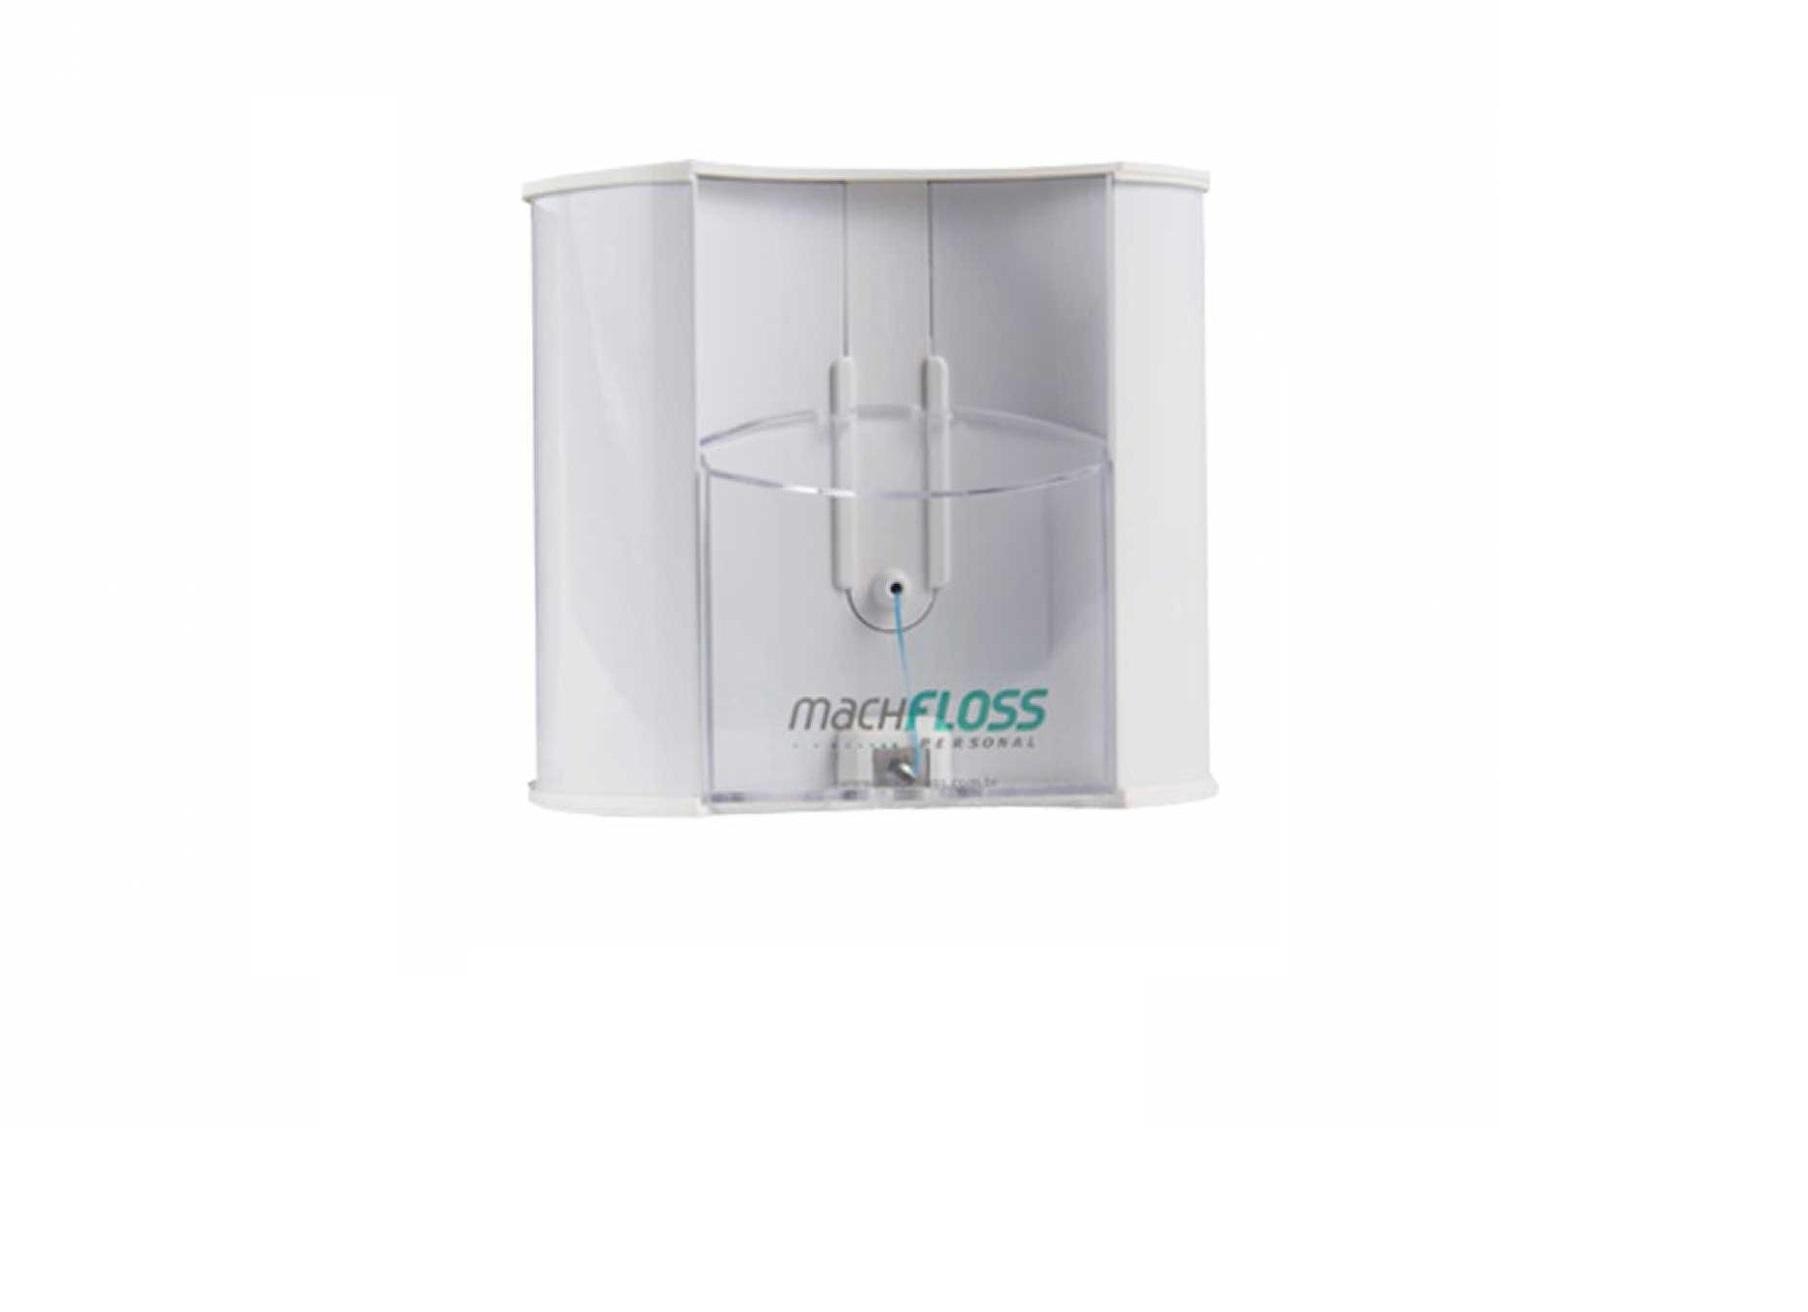 1b3a6c9d4 Dispenser para fio dental MACHFLOSS PERSONAL - Goedert